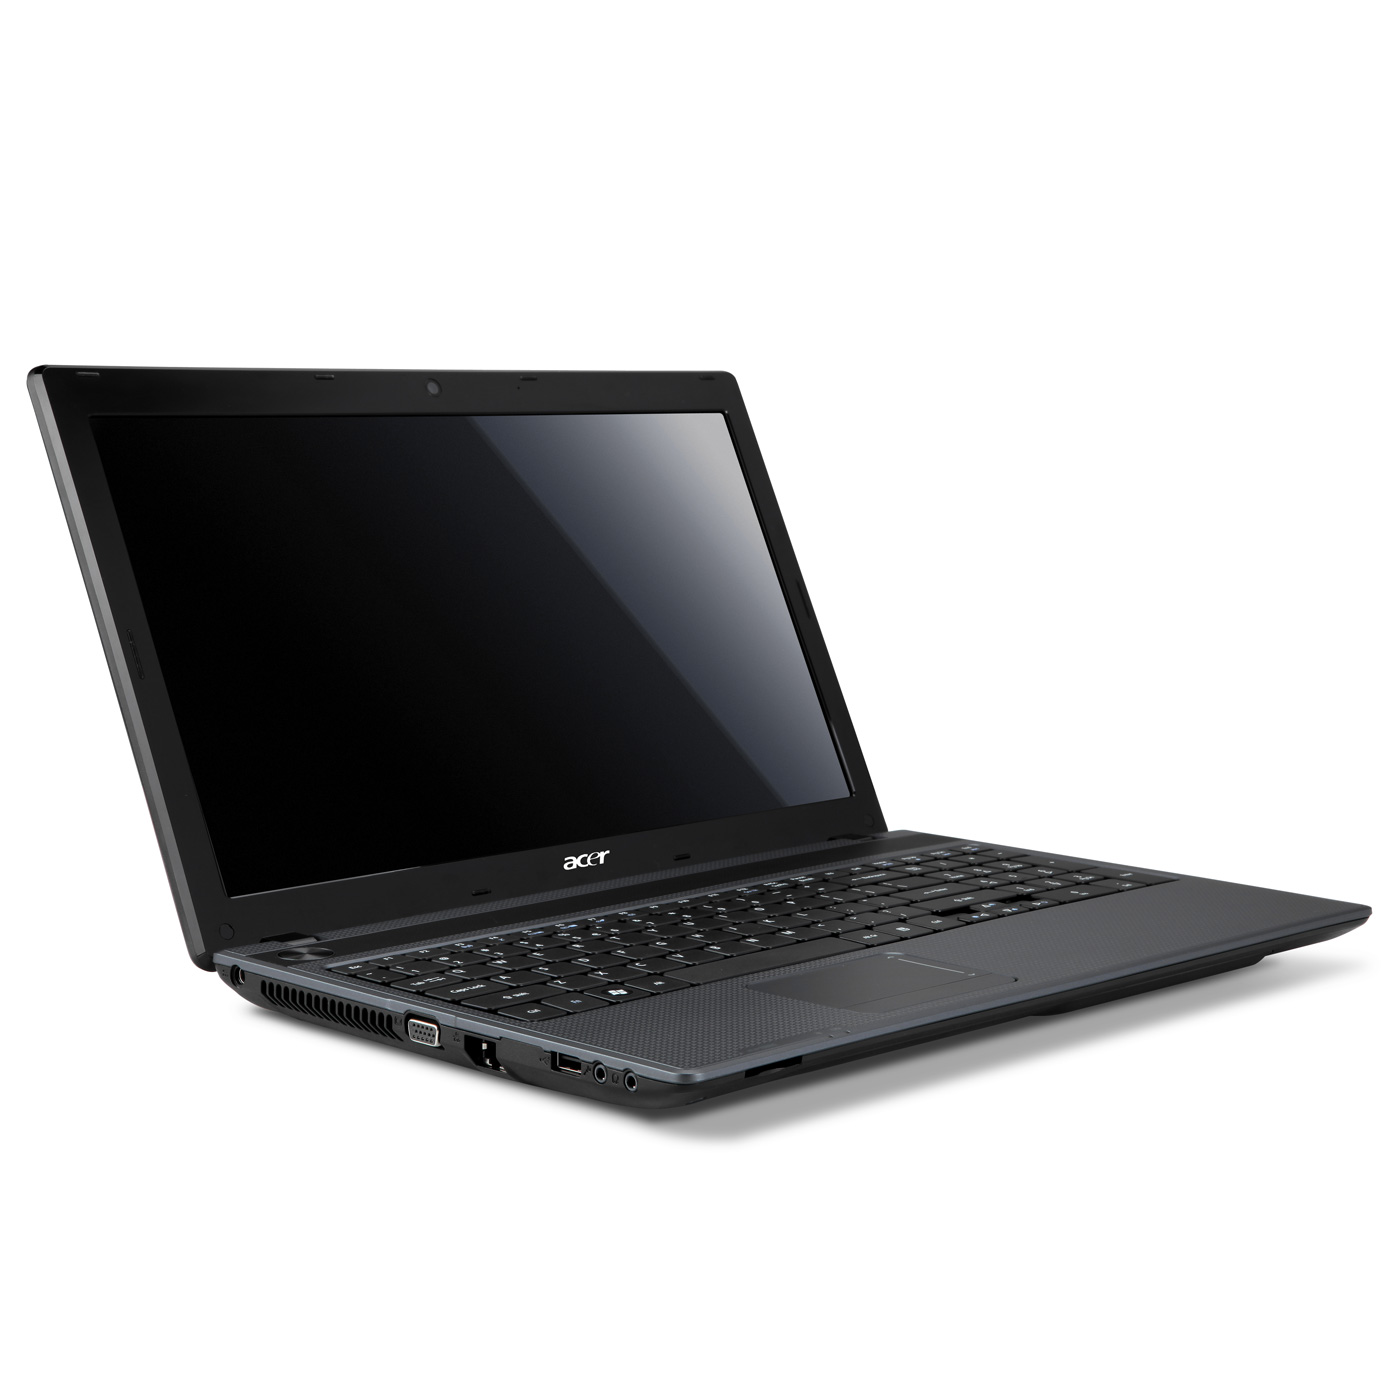 Acer Aspire 5250 E304G75Mn